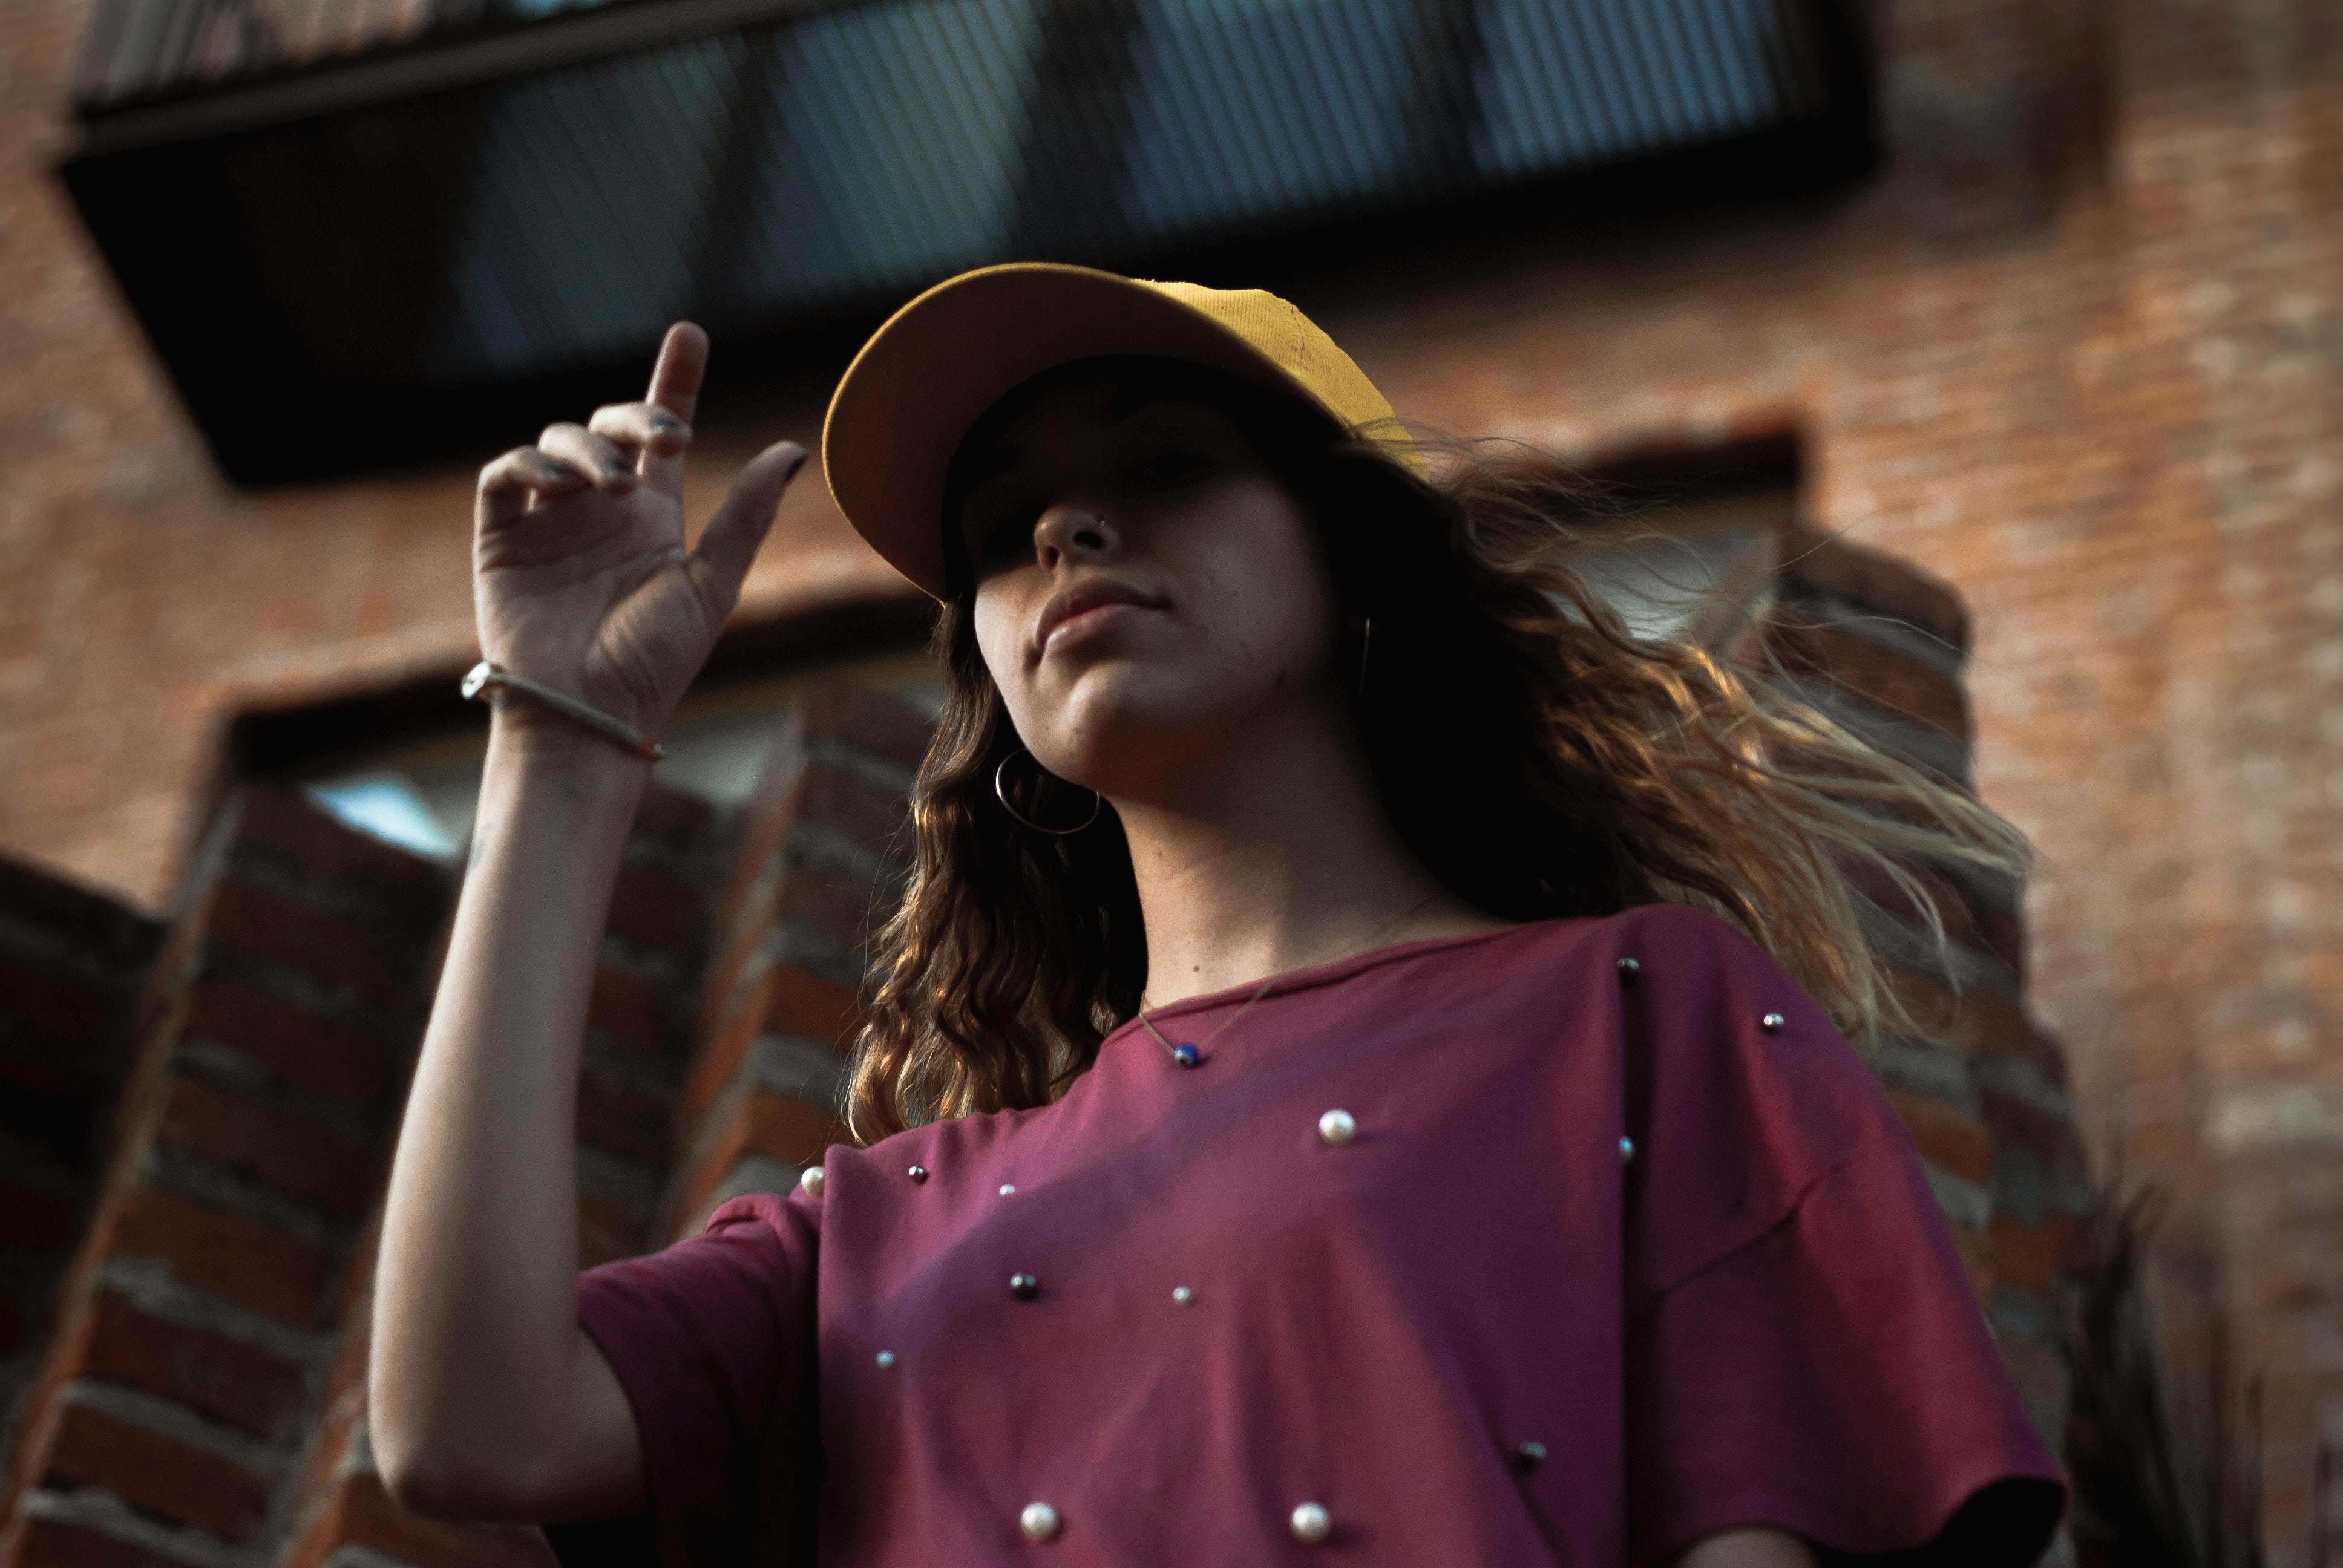 Ser mujer, joven y 'nini', mal panorama para muchas mexicanas